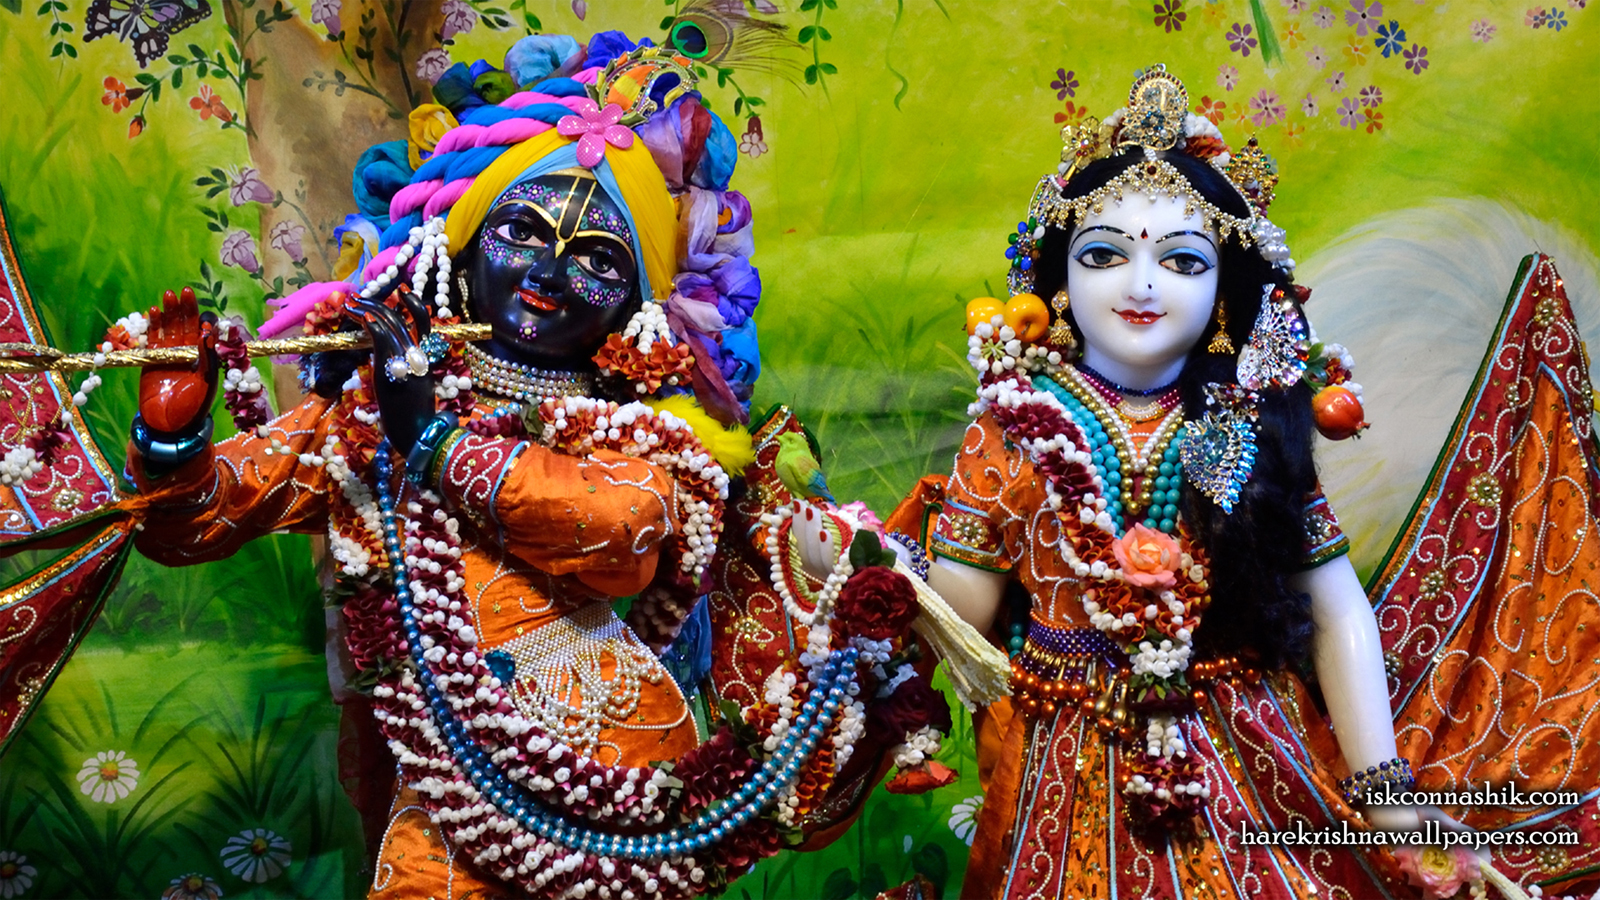 Sri Sri Radha Madan Gopal Close up Wallpaper (018) Size 1600x900 Download